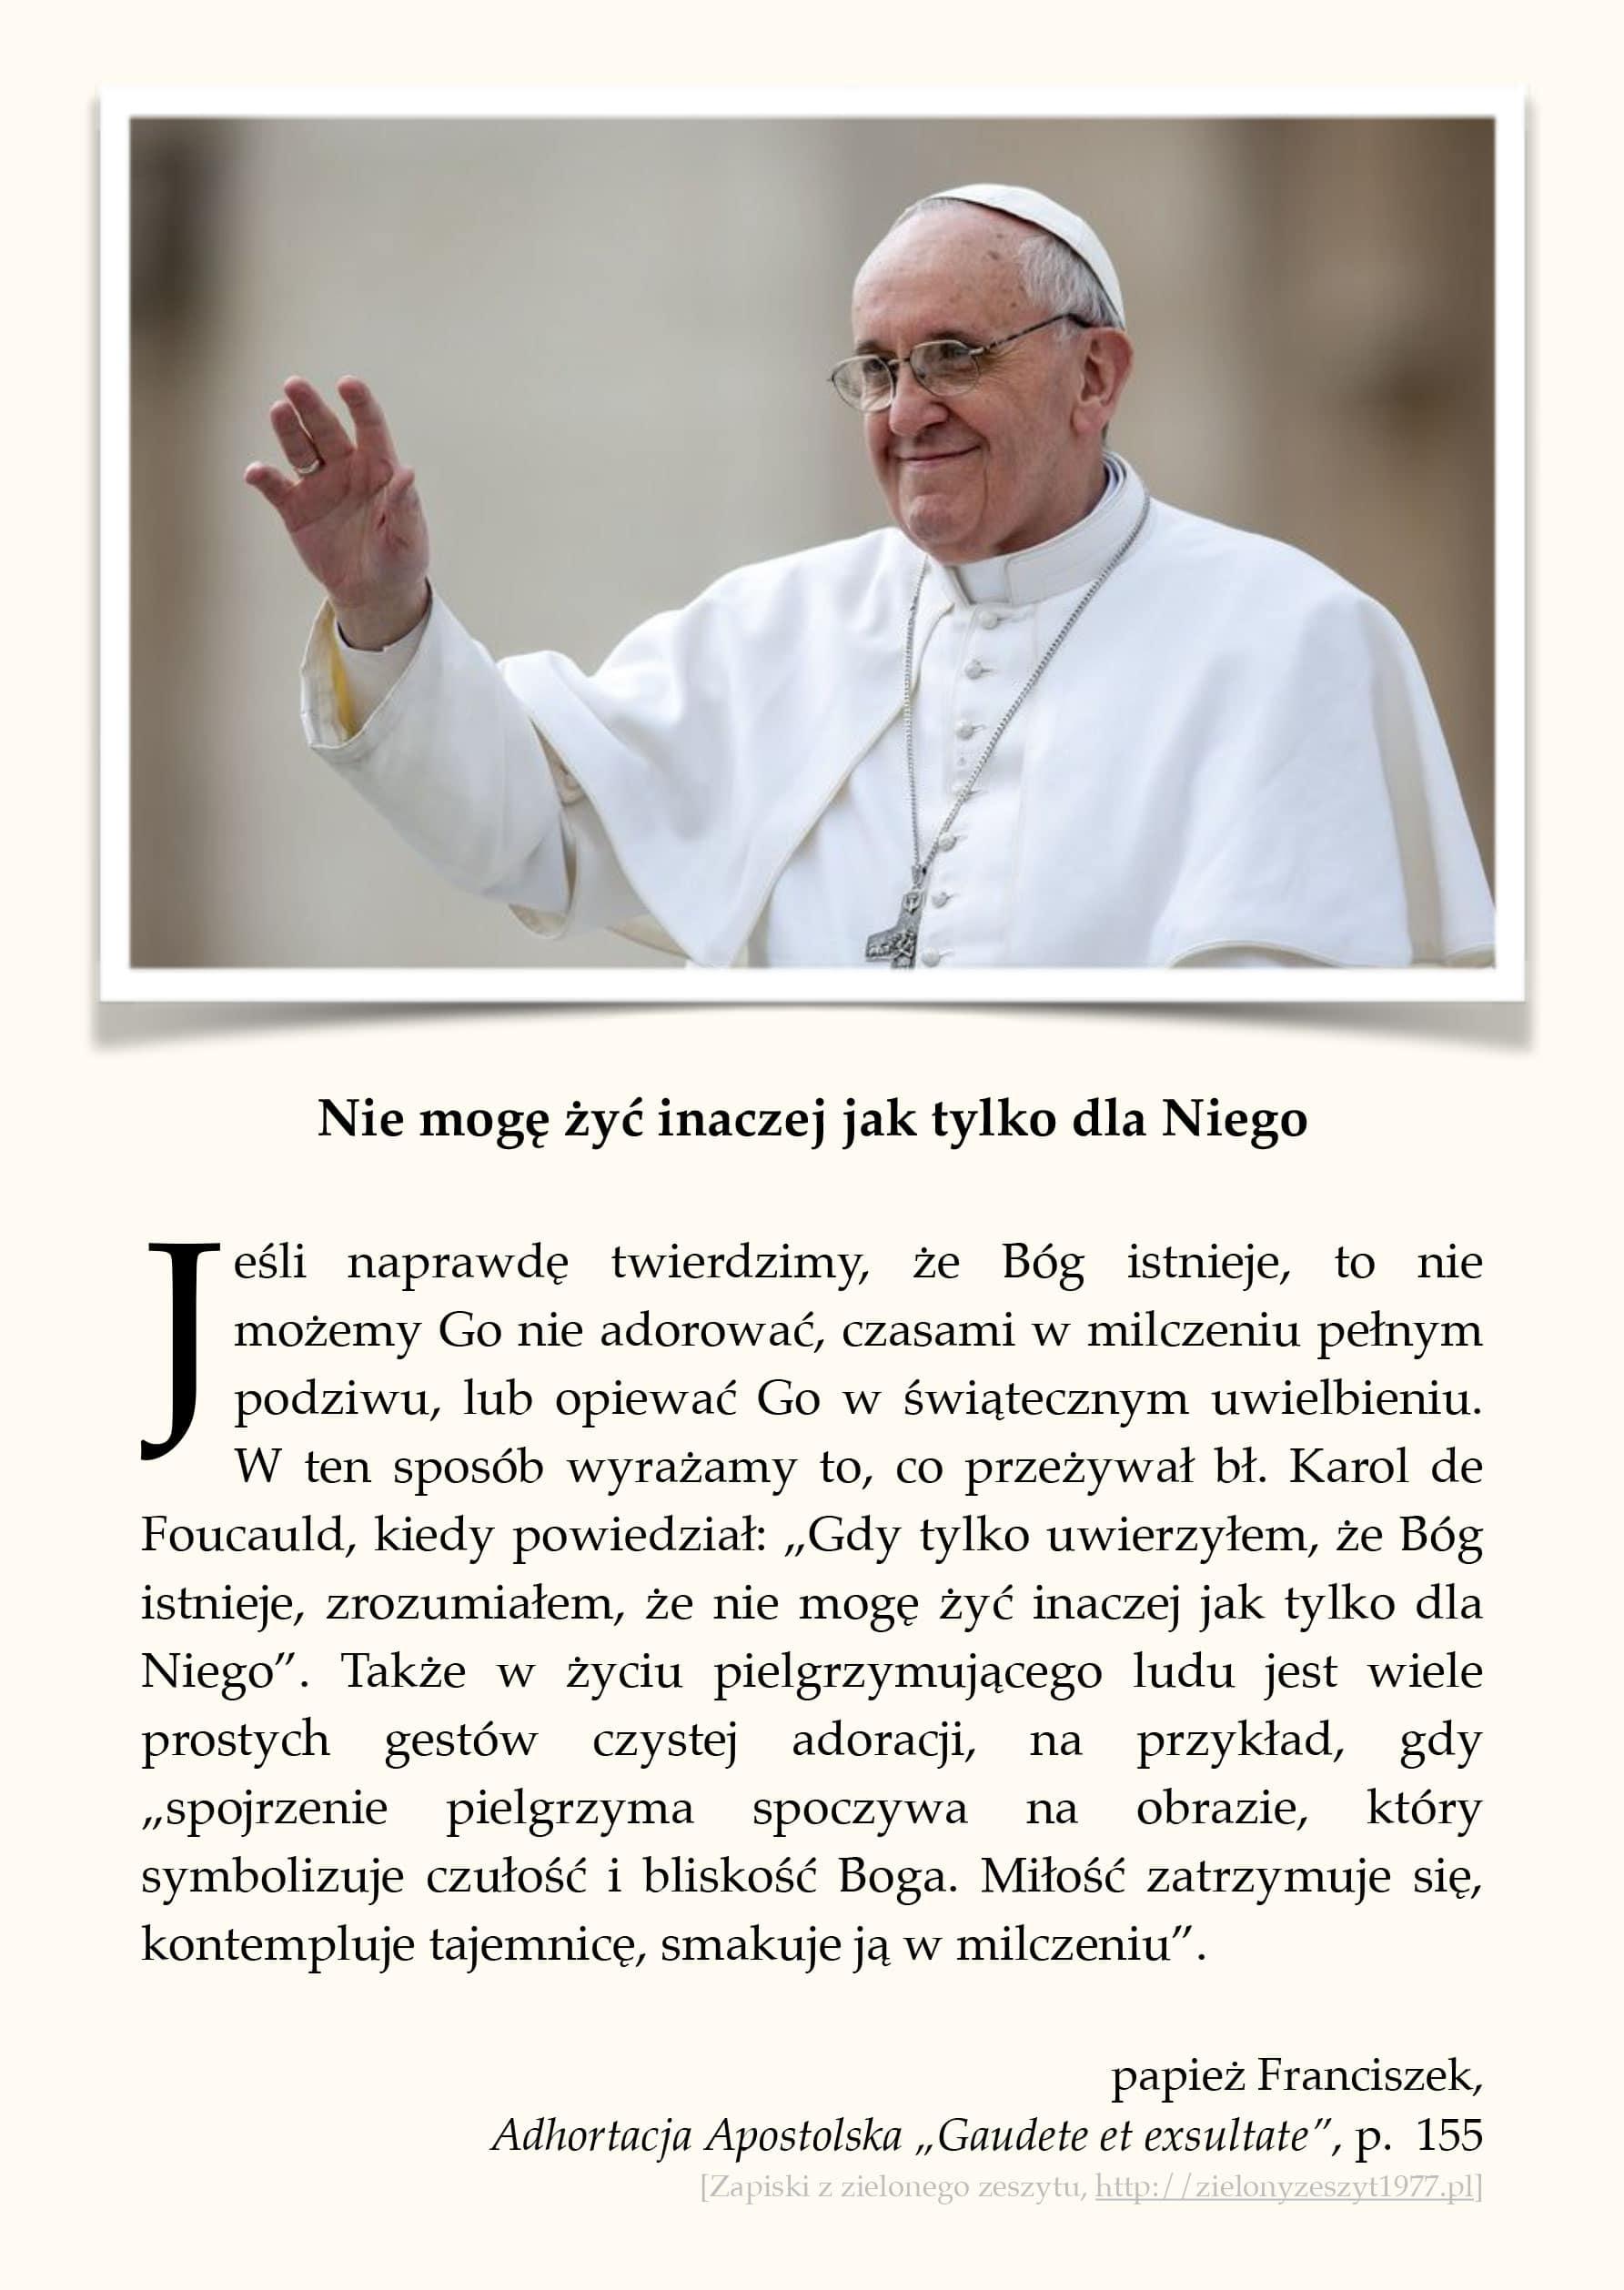 """papież Franciszek, Adhortacja Apostolska """"Gaudete et exsultate"""", p. 155 (Nie mogę żyć inaczej jak tylko dla Niego)"""